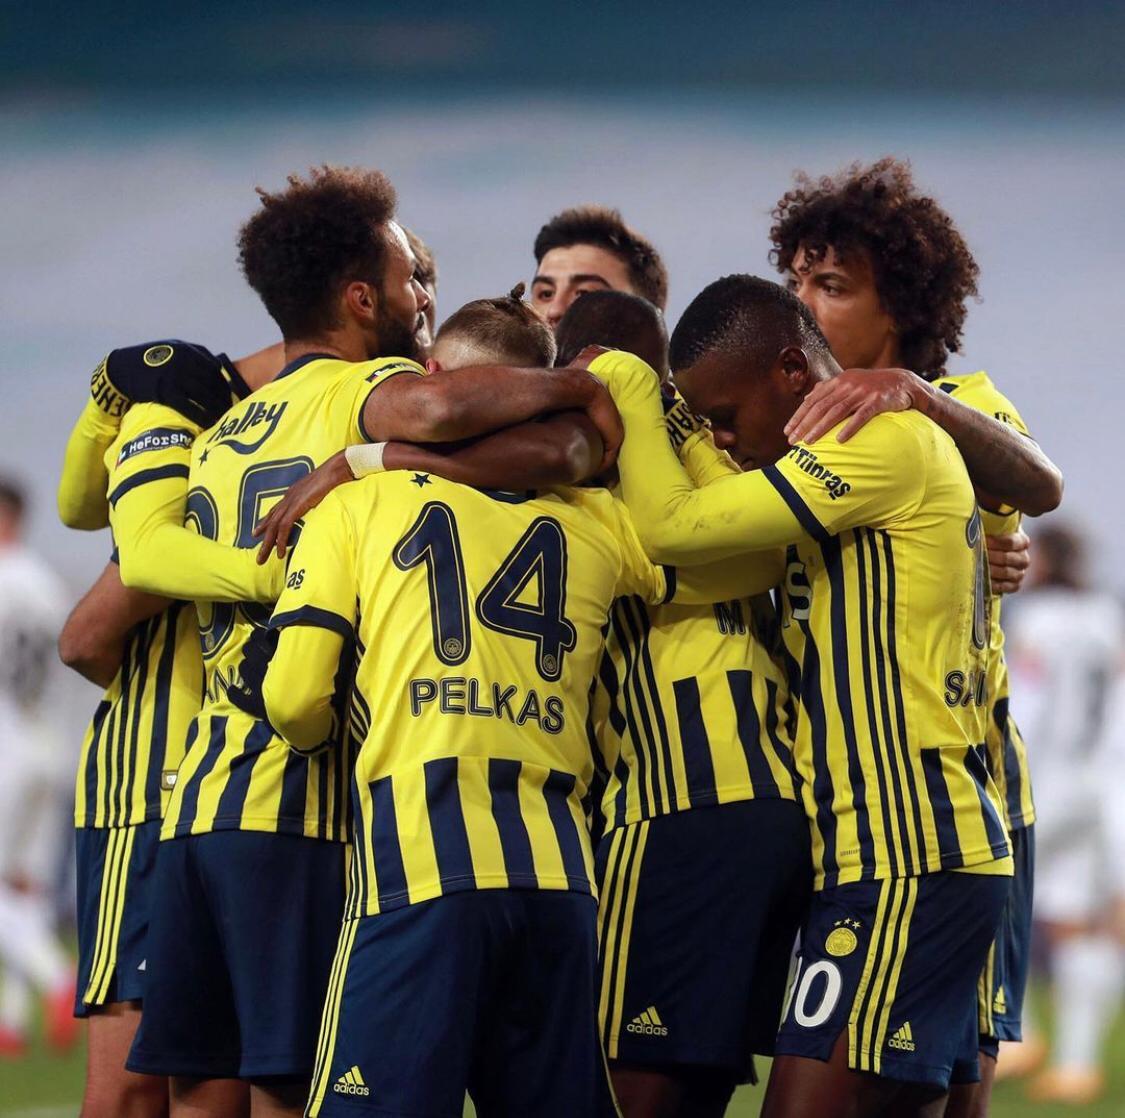 <p>Bu sezon forvetlerinden istediği verimi alamayan Fenerbahçe gelecek sezona yeni bir forvetle başlamayı hedefliyor.&nbsp;</p>